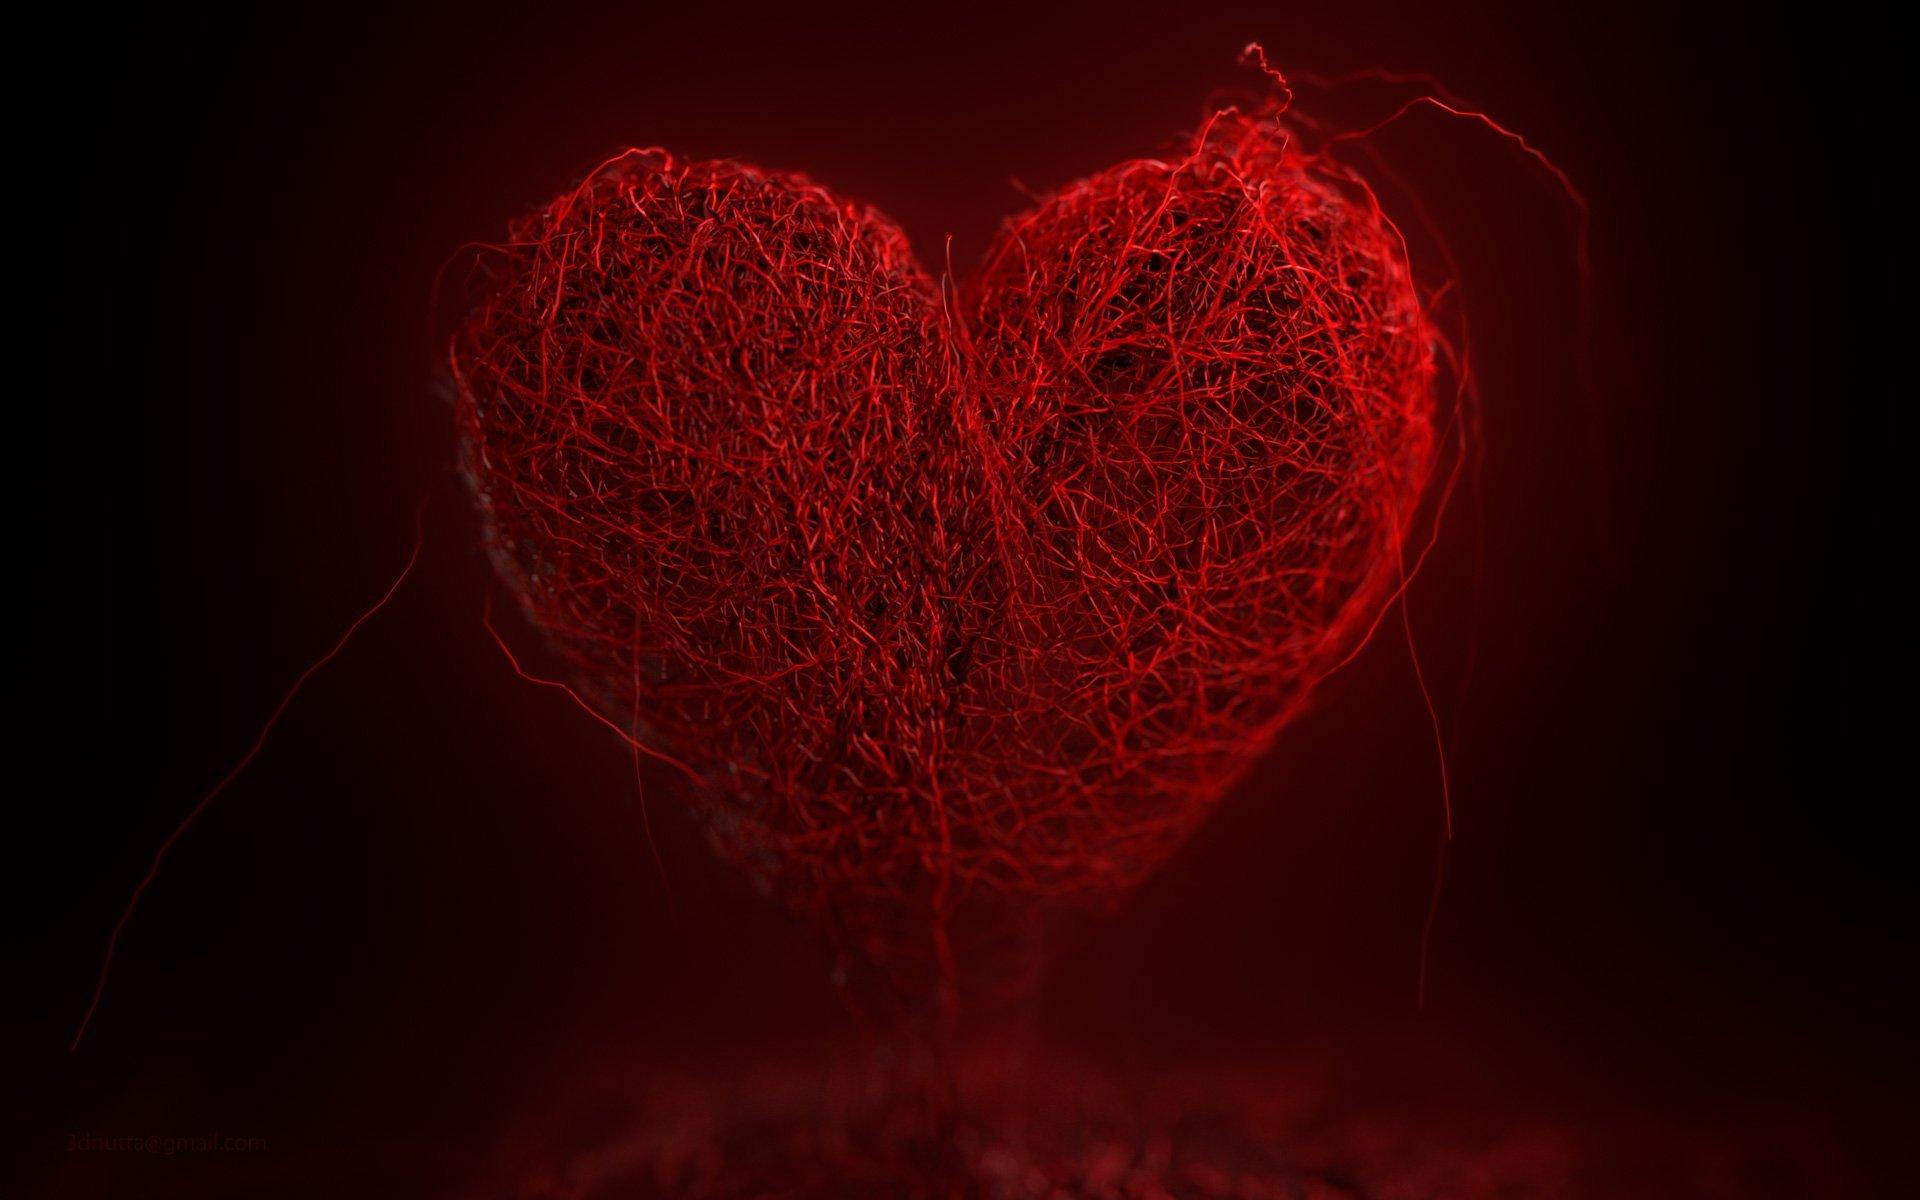 Красное сердце фото картинки